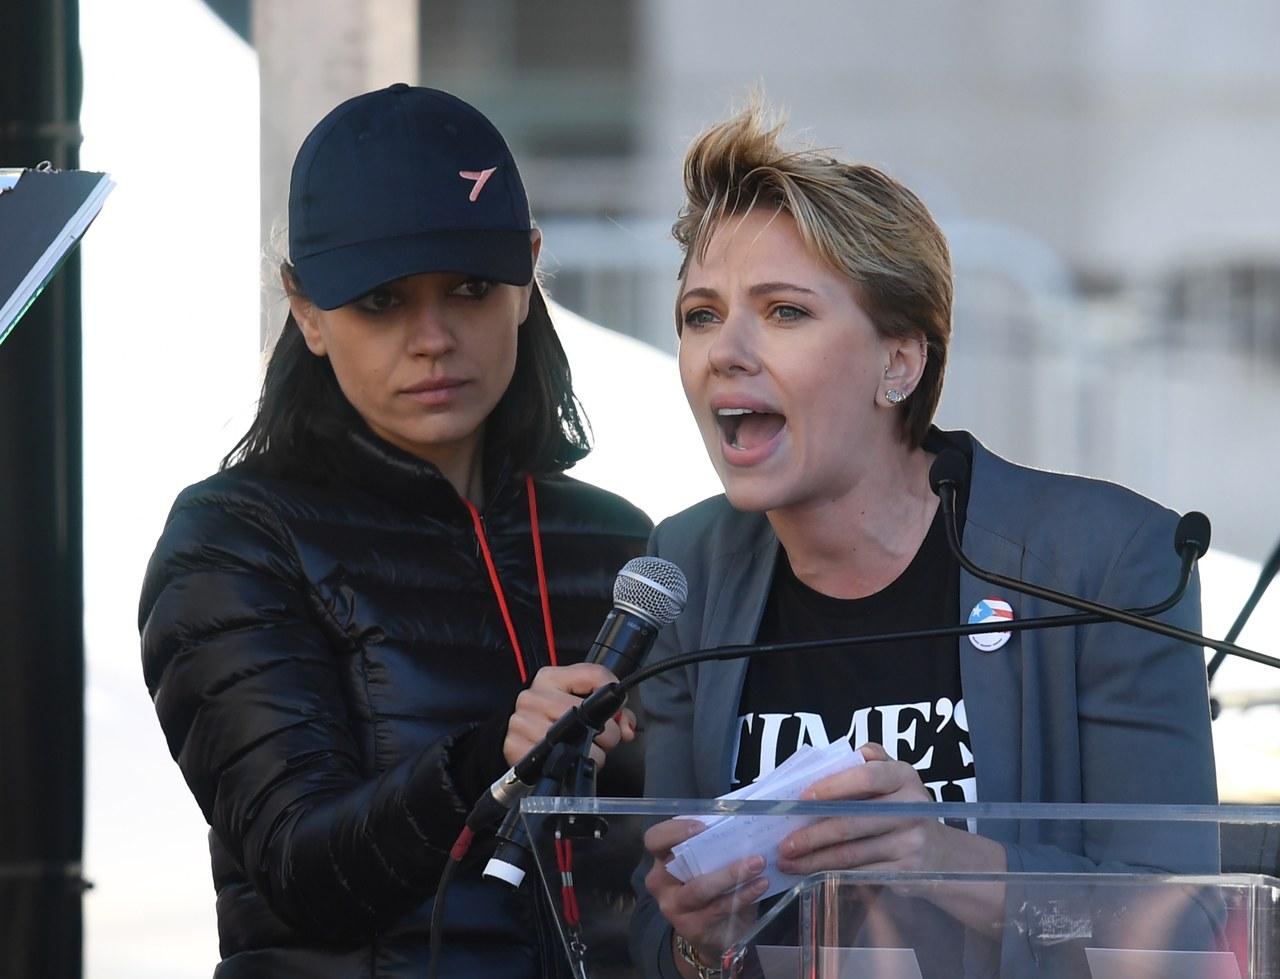 #Espectáculos Scarlett Johansson envió mensaje contra James Franco